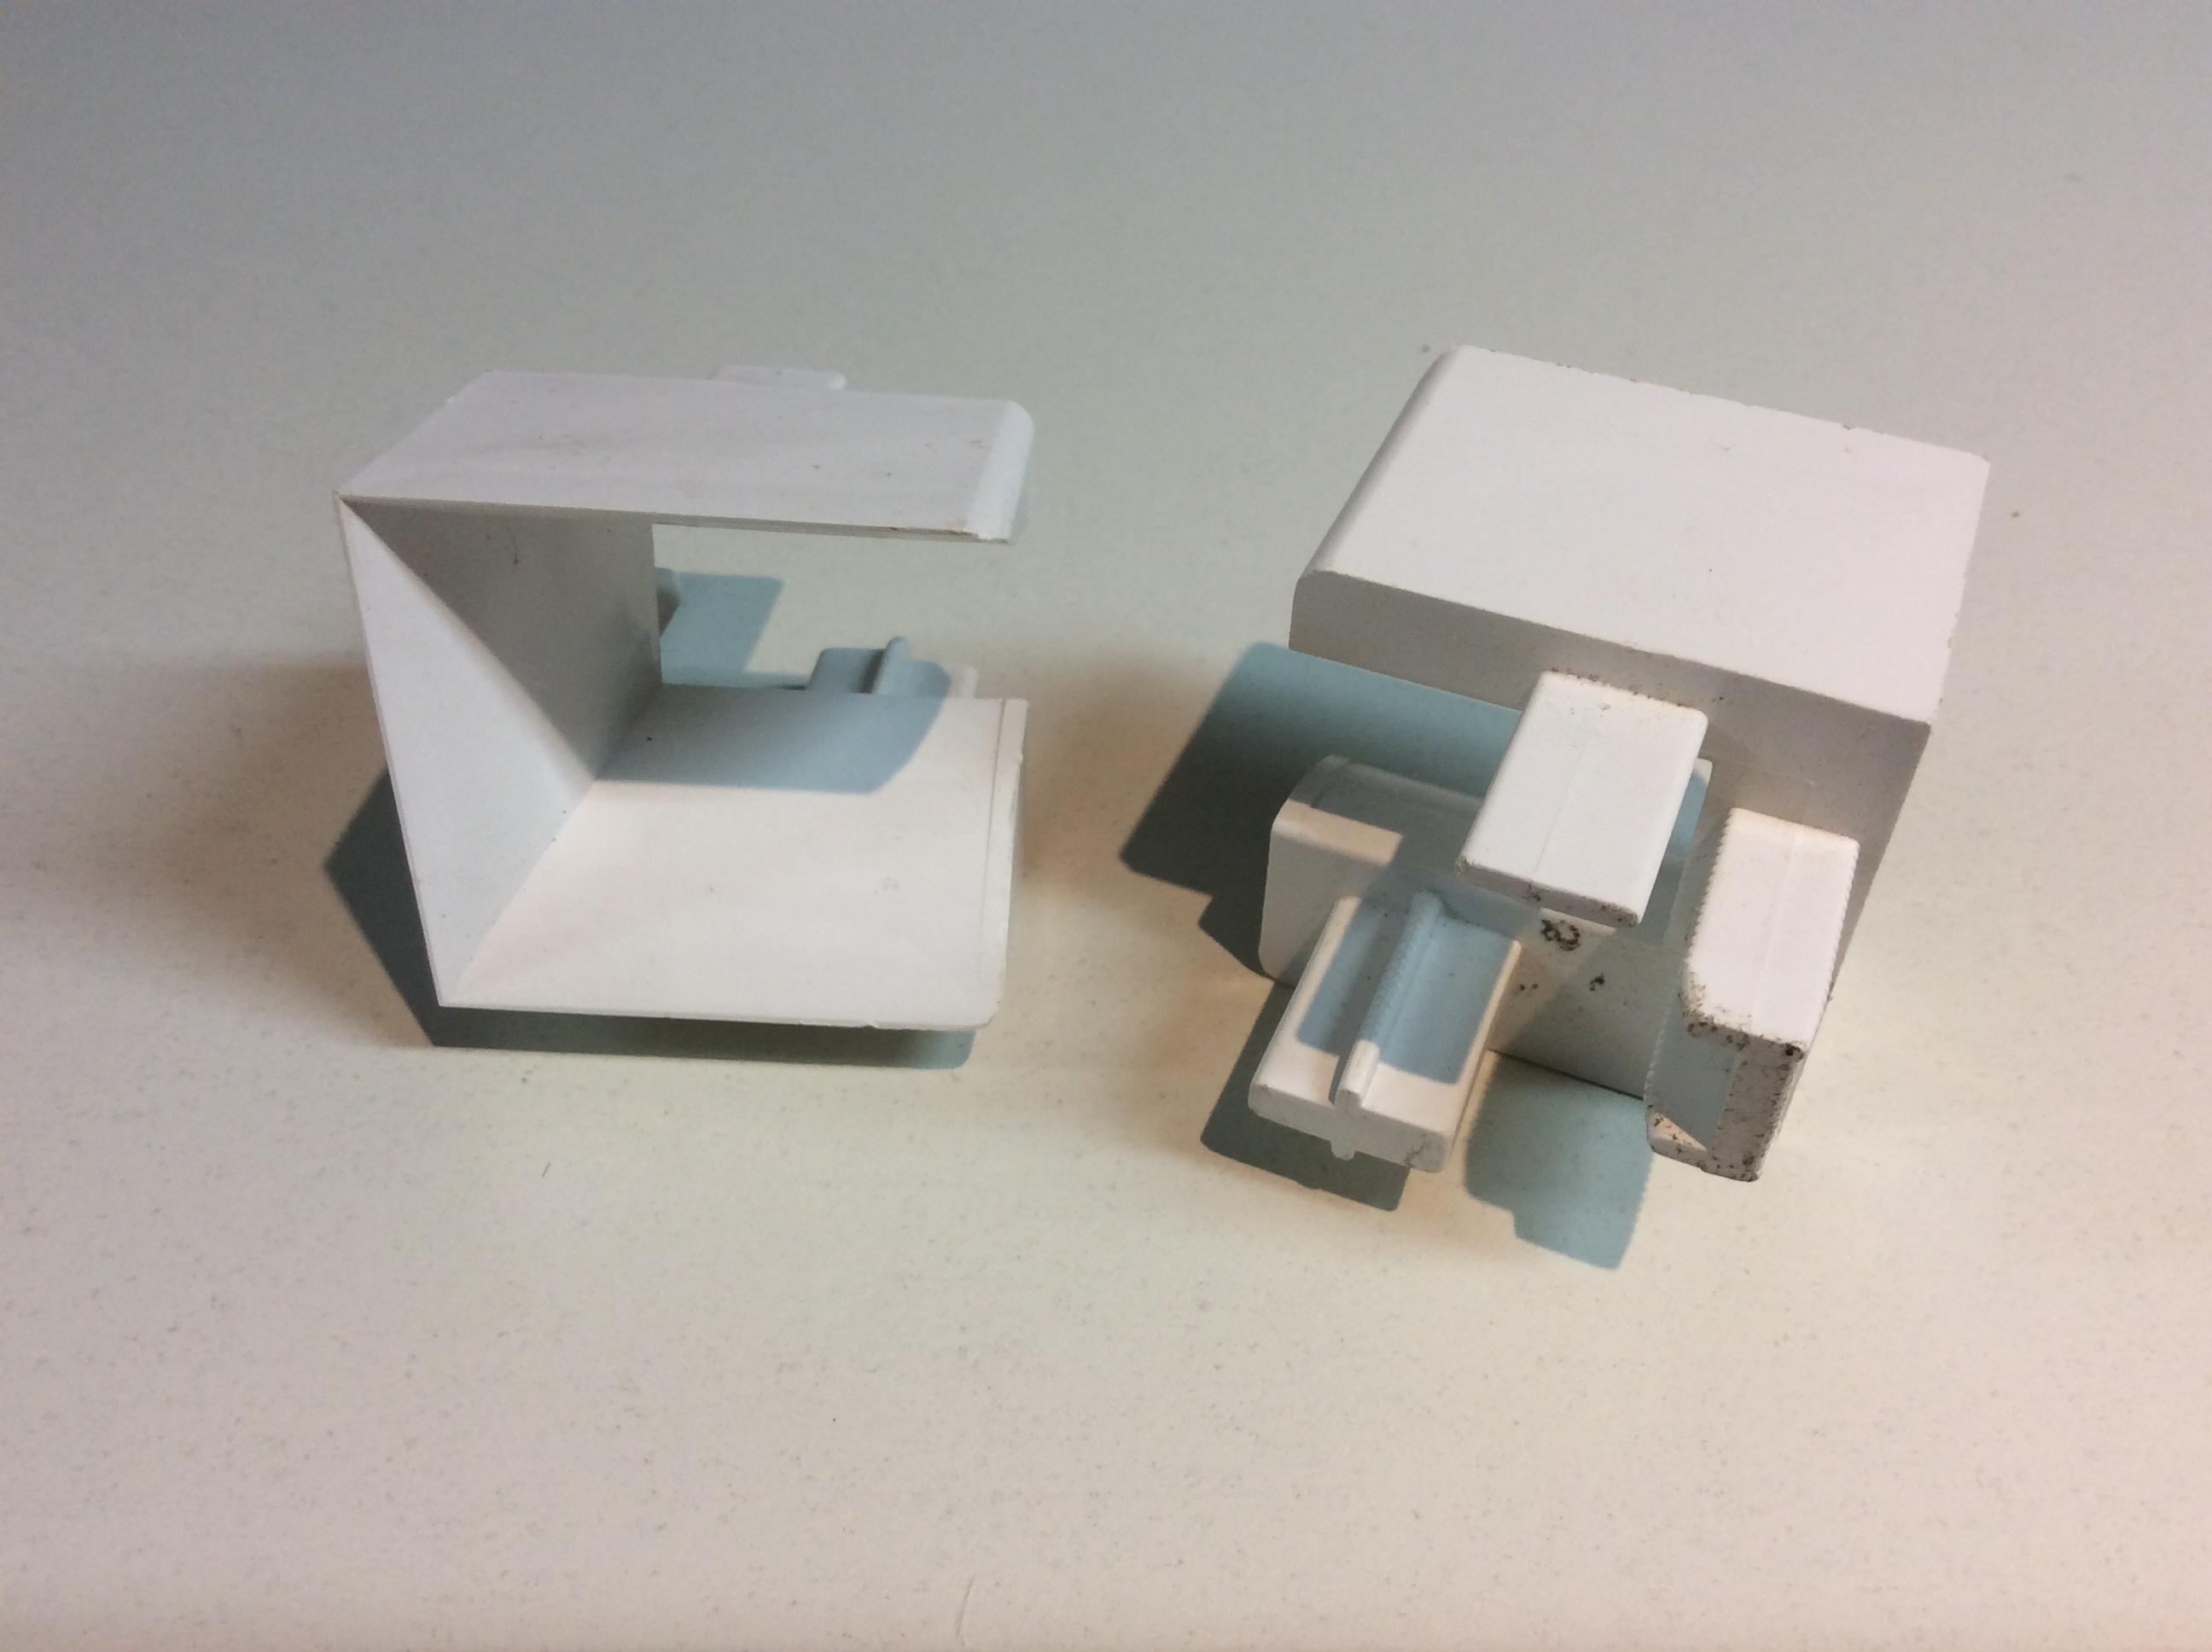 img 0497 m s bauelemente. Black Bedroom Furniture Sets. Home Design Ideas